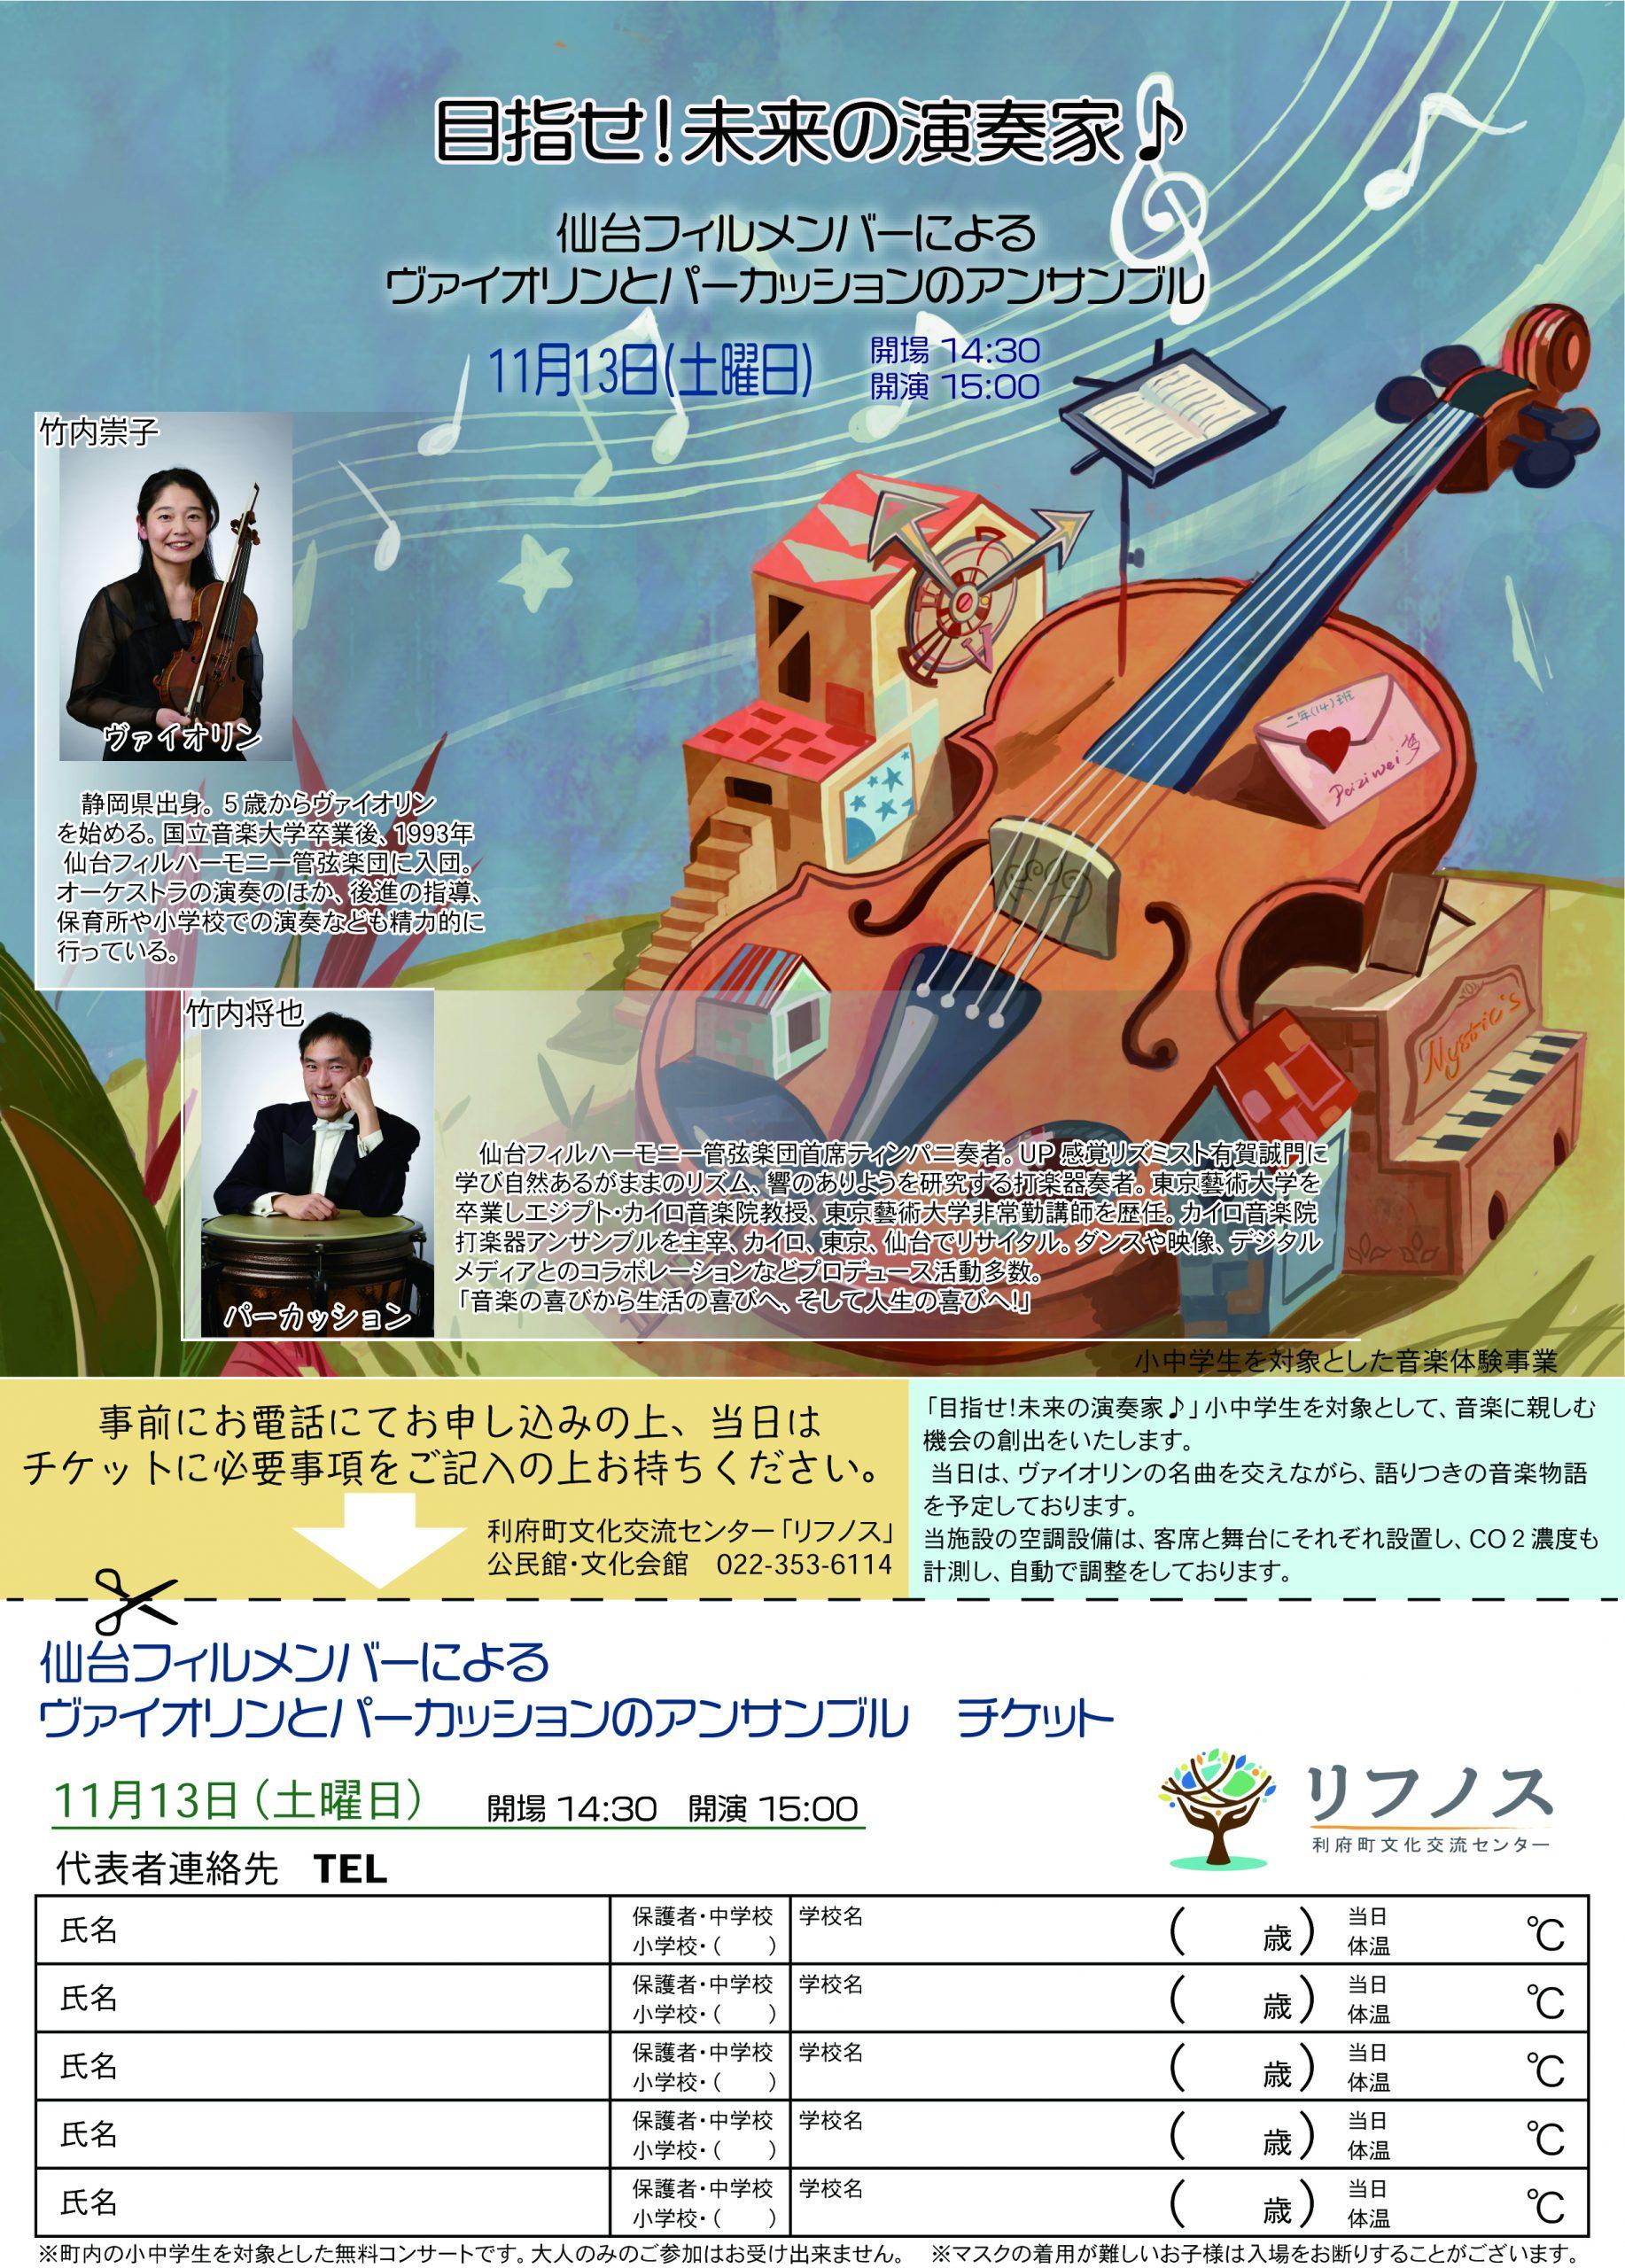 目指せ!未来の演奏家♪仙台フィルメンバーによるヴァイオリンとパーカッションのアンサンブル